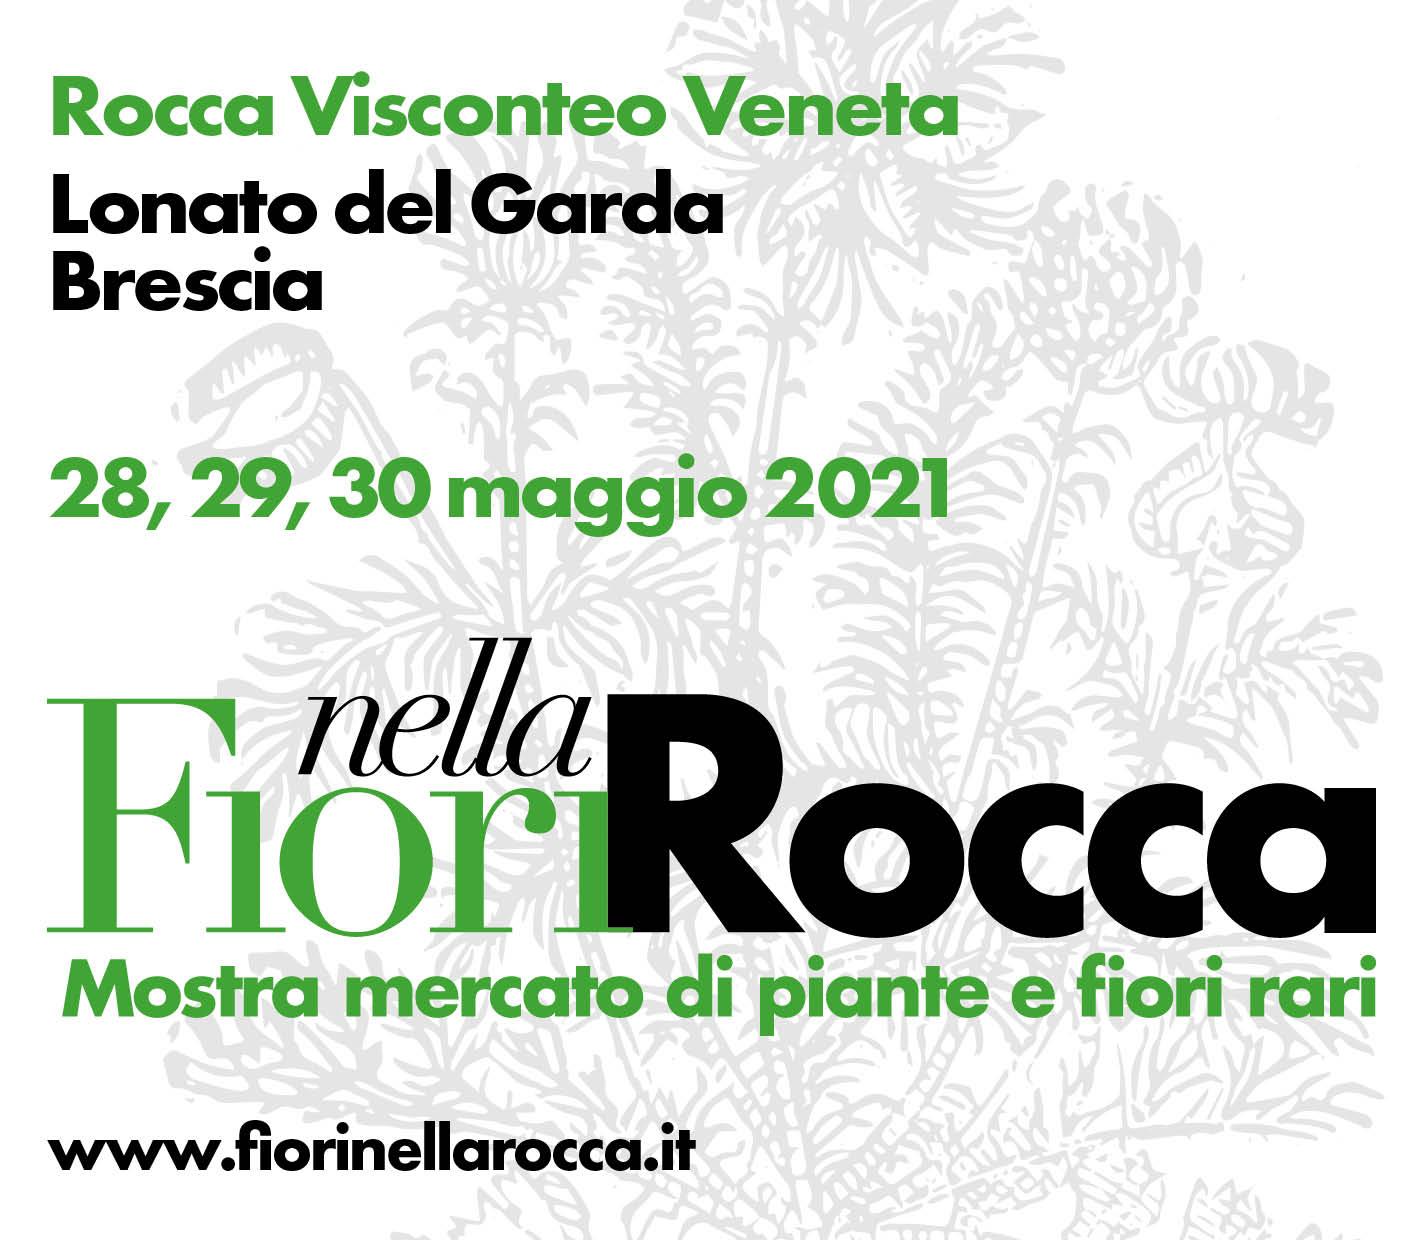 dal 28 al 30 Maggio 2021 - Fiori nella Rocca - Lonato del Garda (BS)